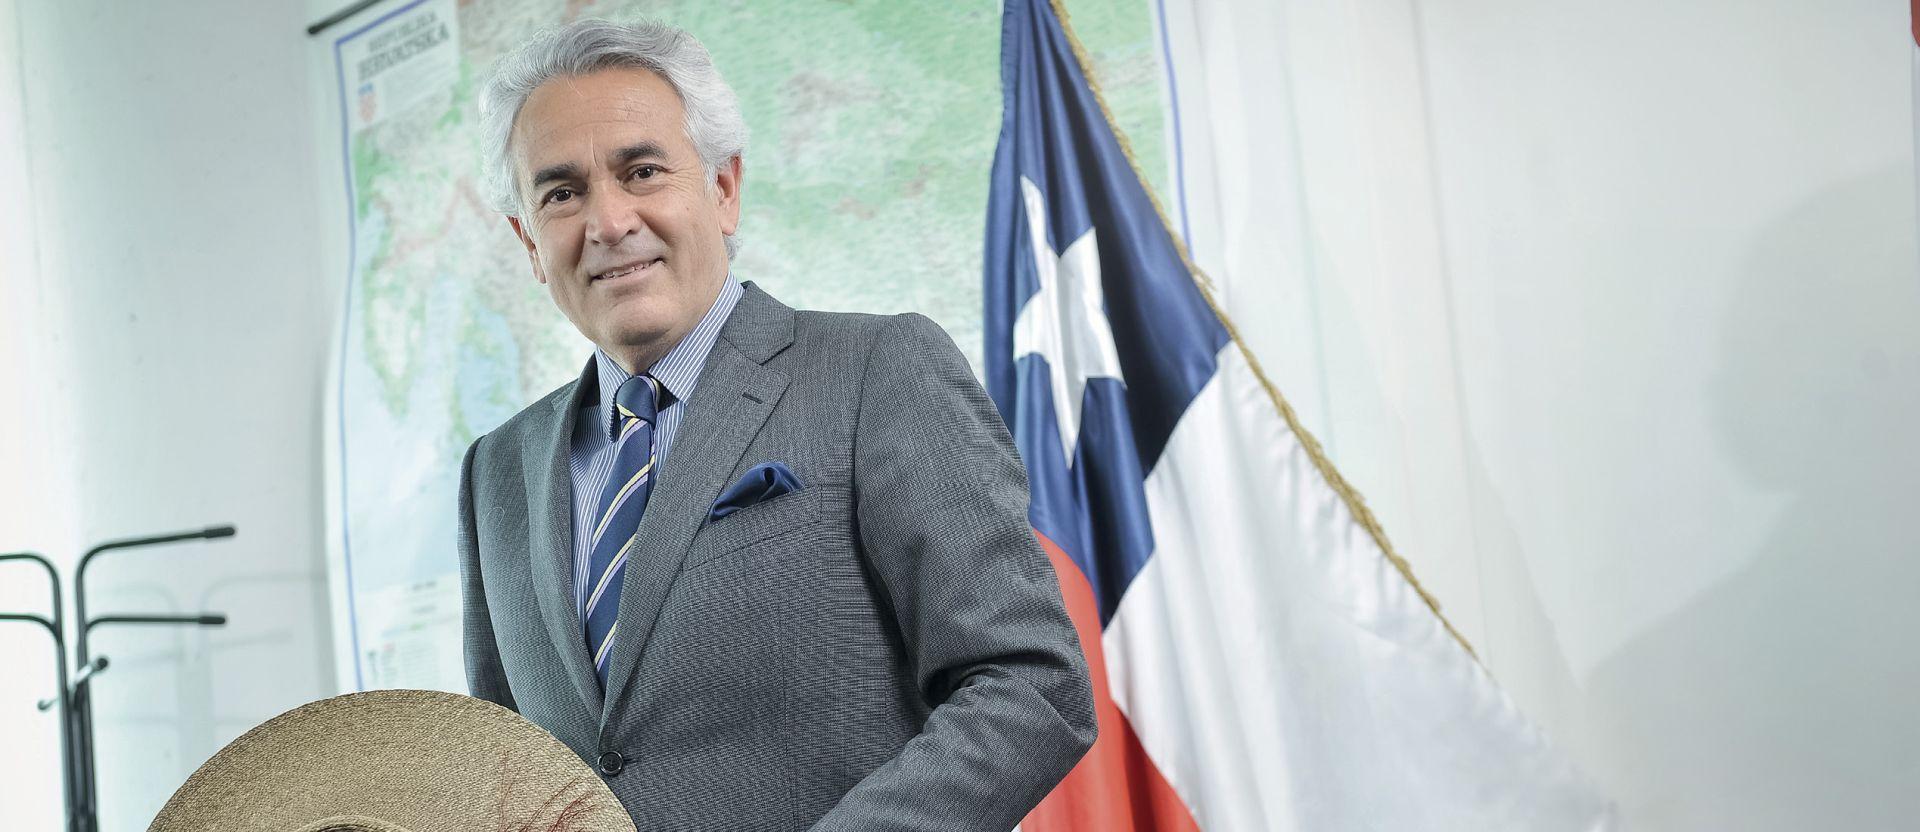 'Čile može pomoći RH, ali morate ukloniti prepreke kako biste privukli investitore'